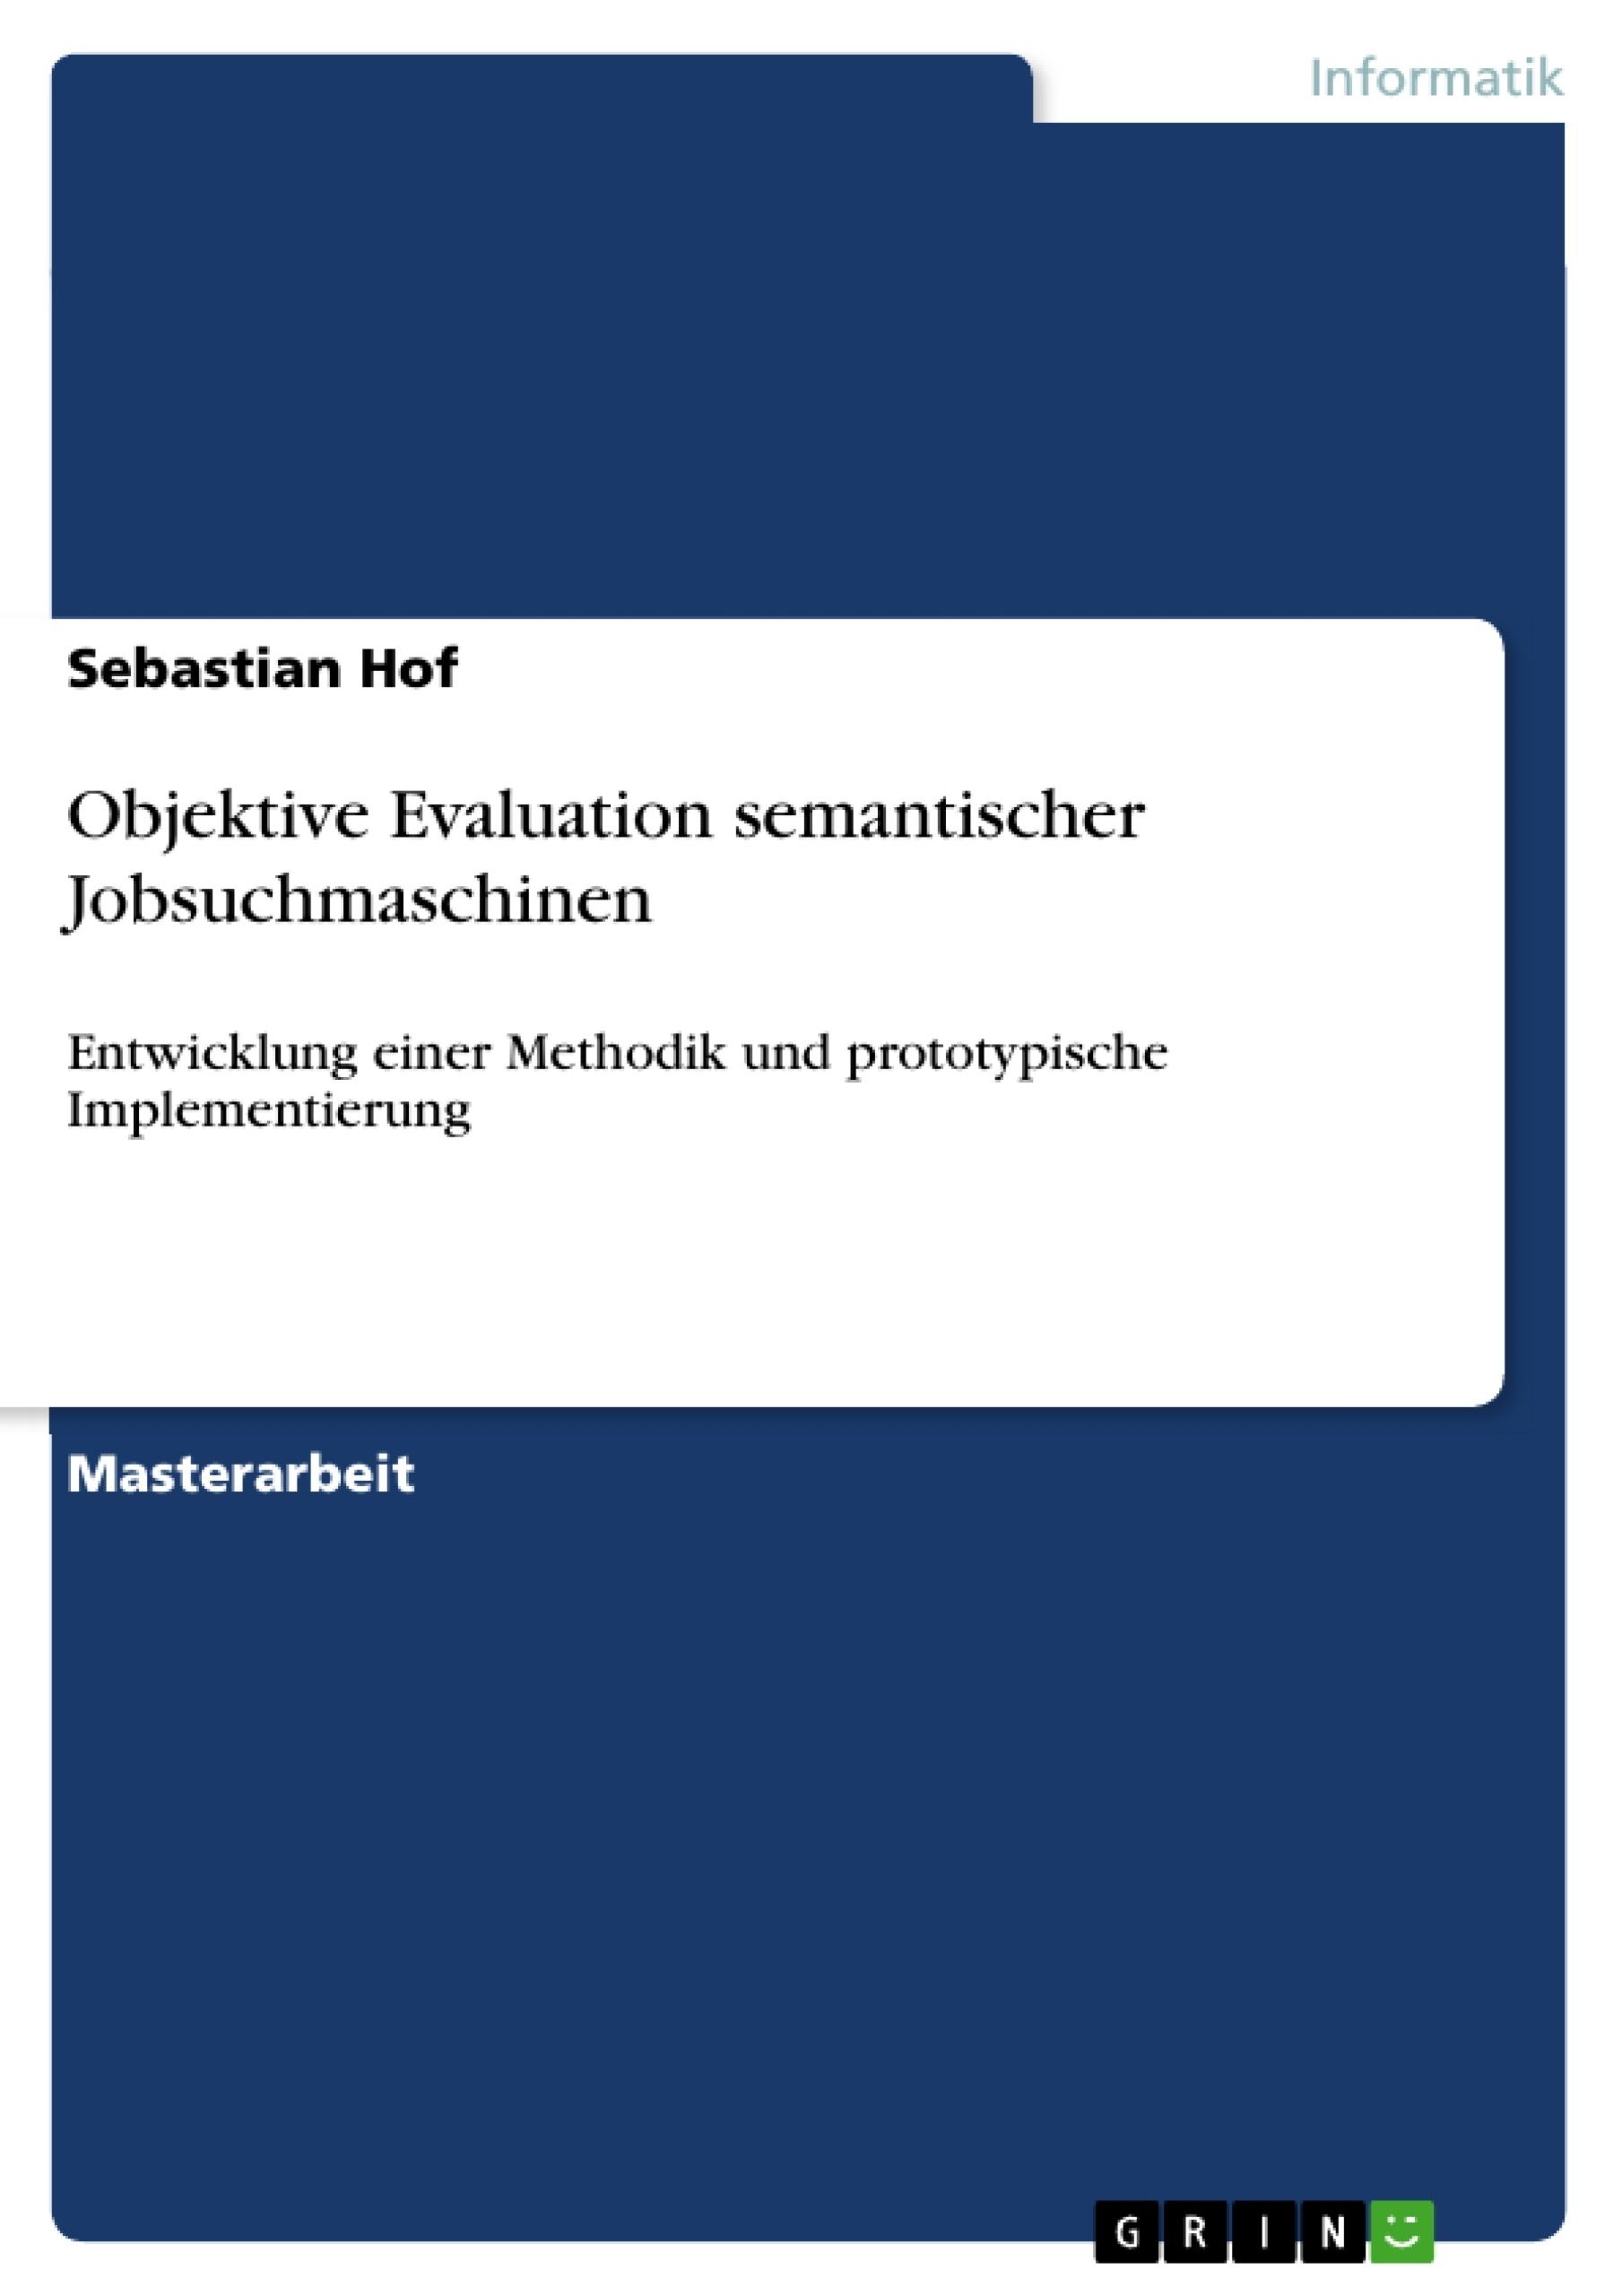 Titel: Objektive Evaluation semantischer Jobsuchmaschinen